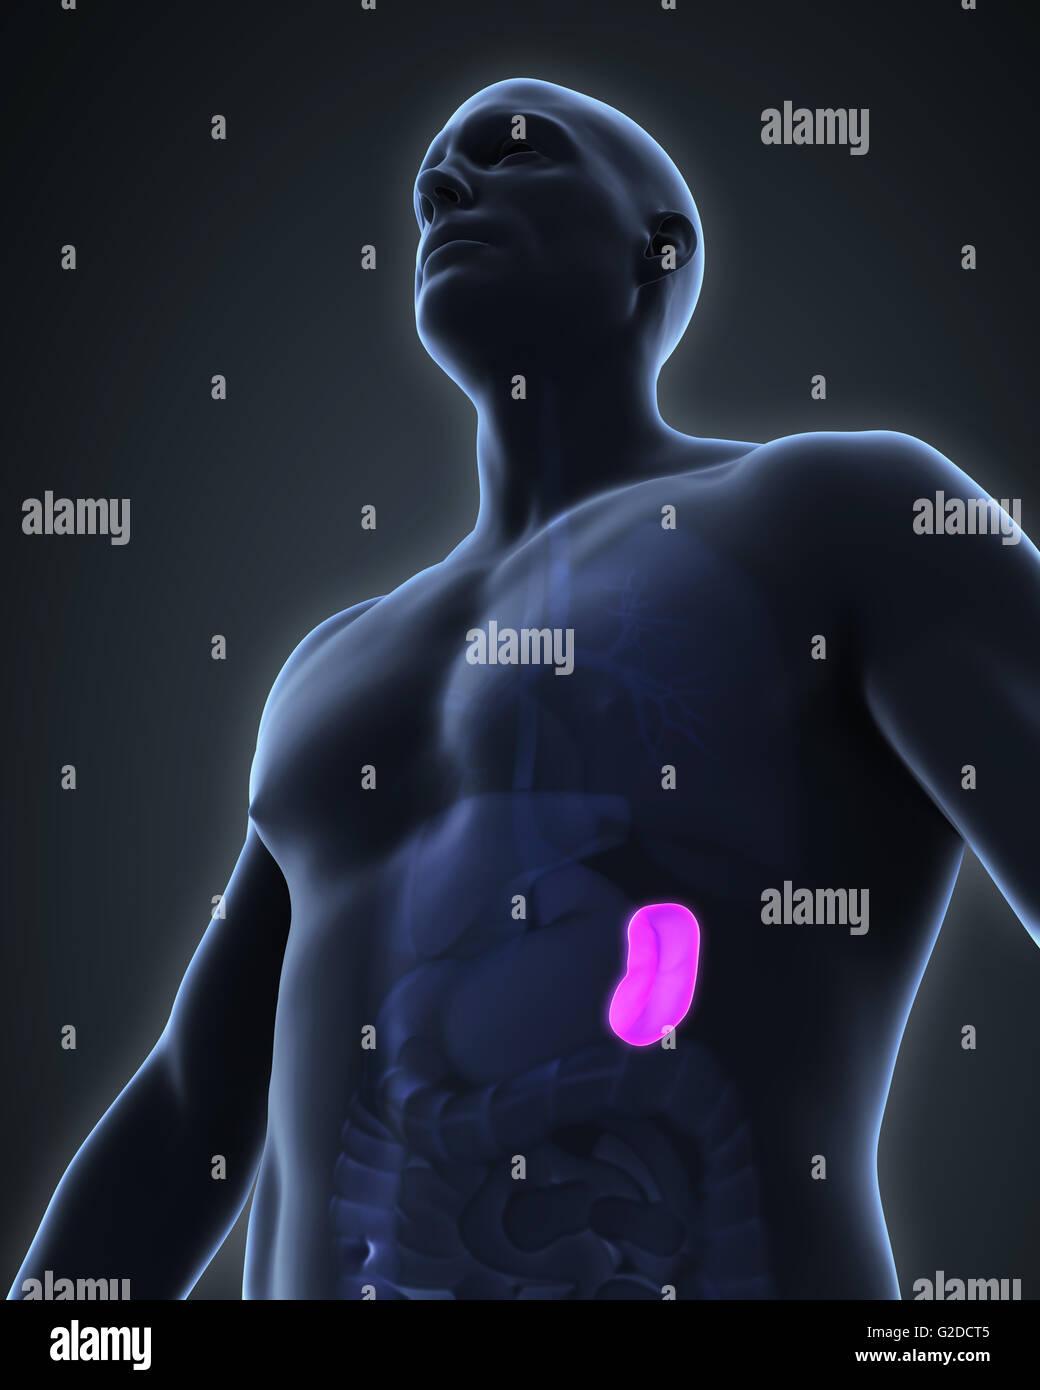 Anatomie der menschlichen Milz Stockfoto, Bild: 104786981 - Alamy